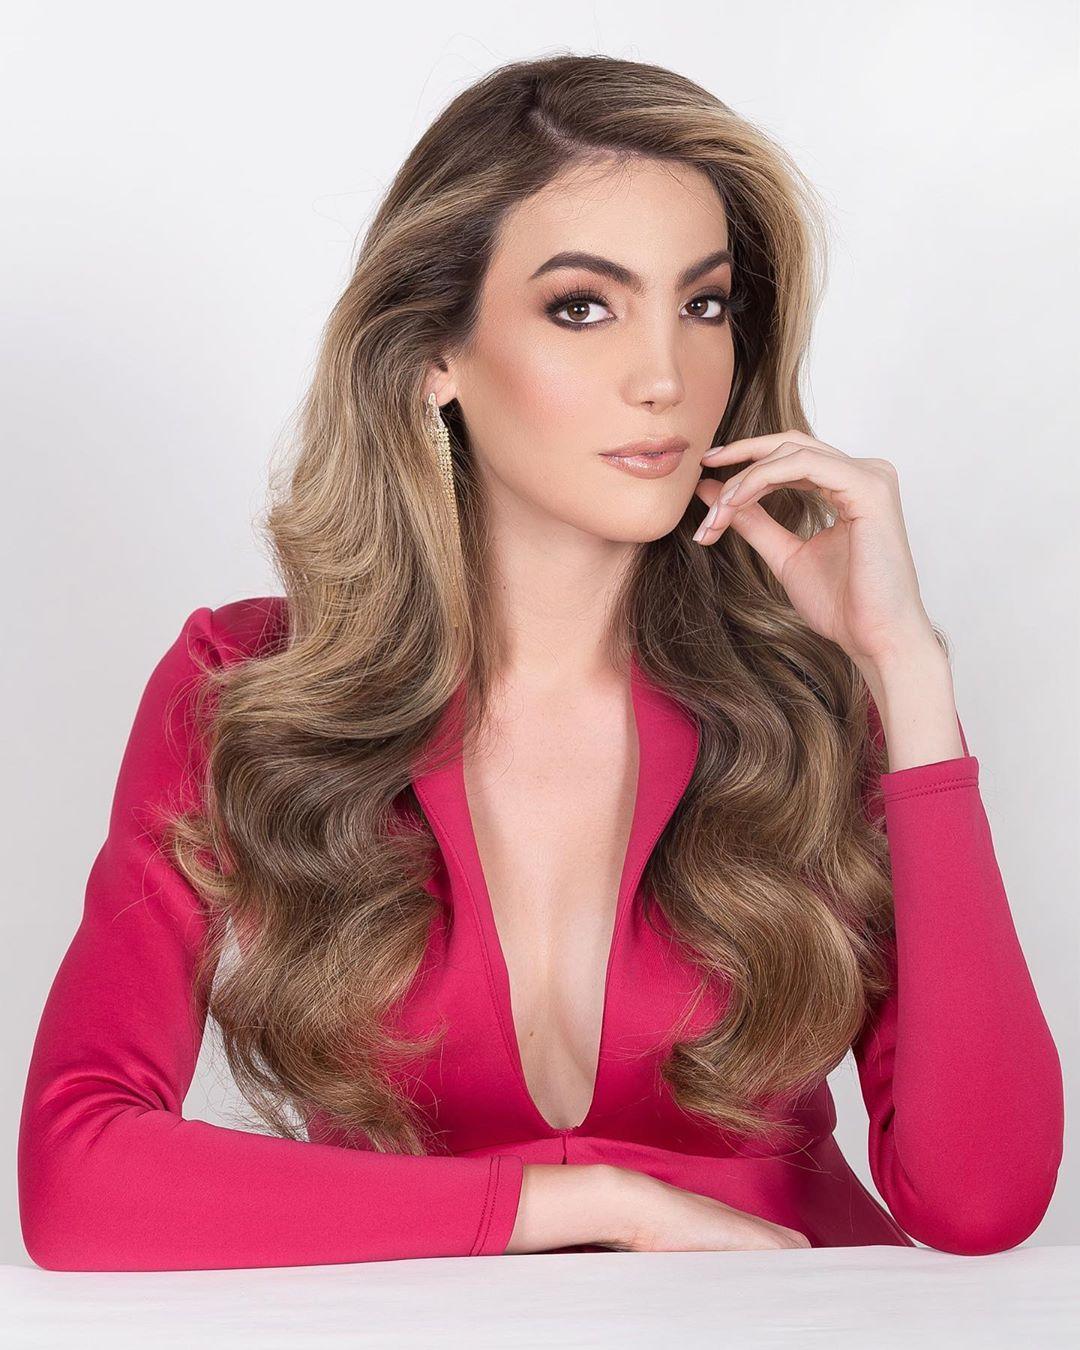 valentina fluchaire, miss international queen 2020. - Página 3 84327010